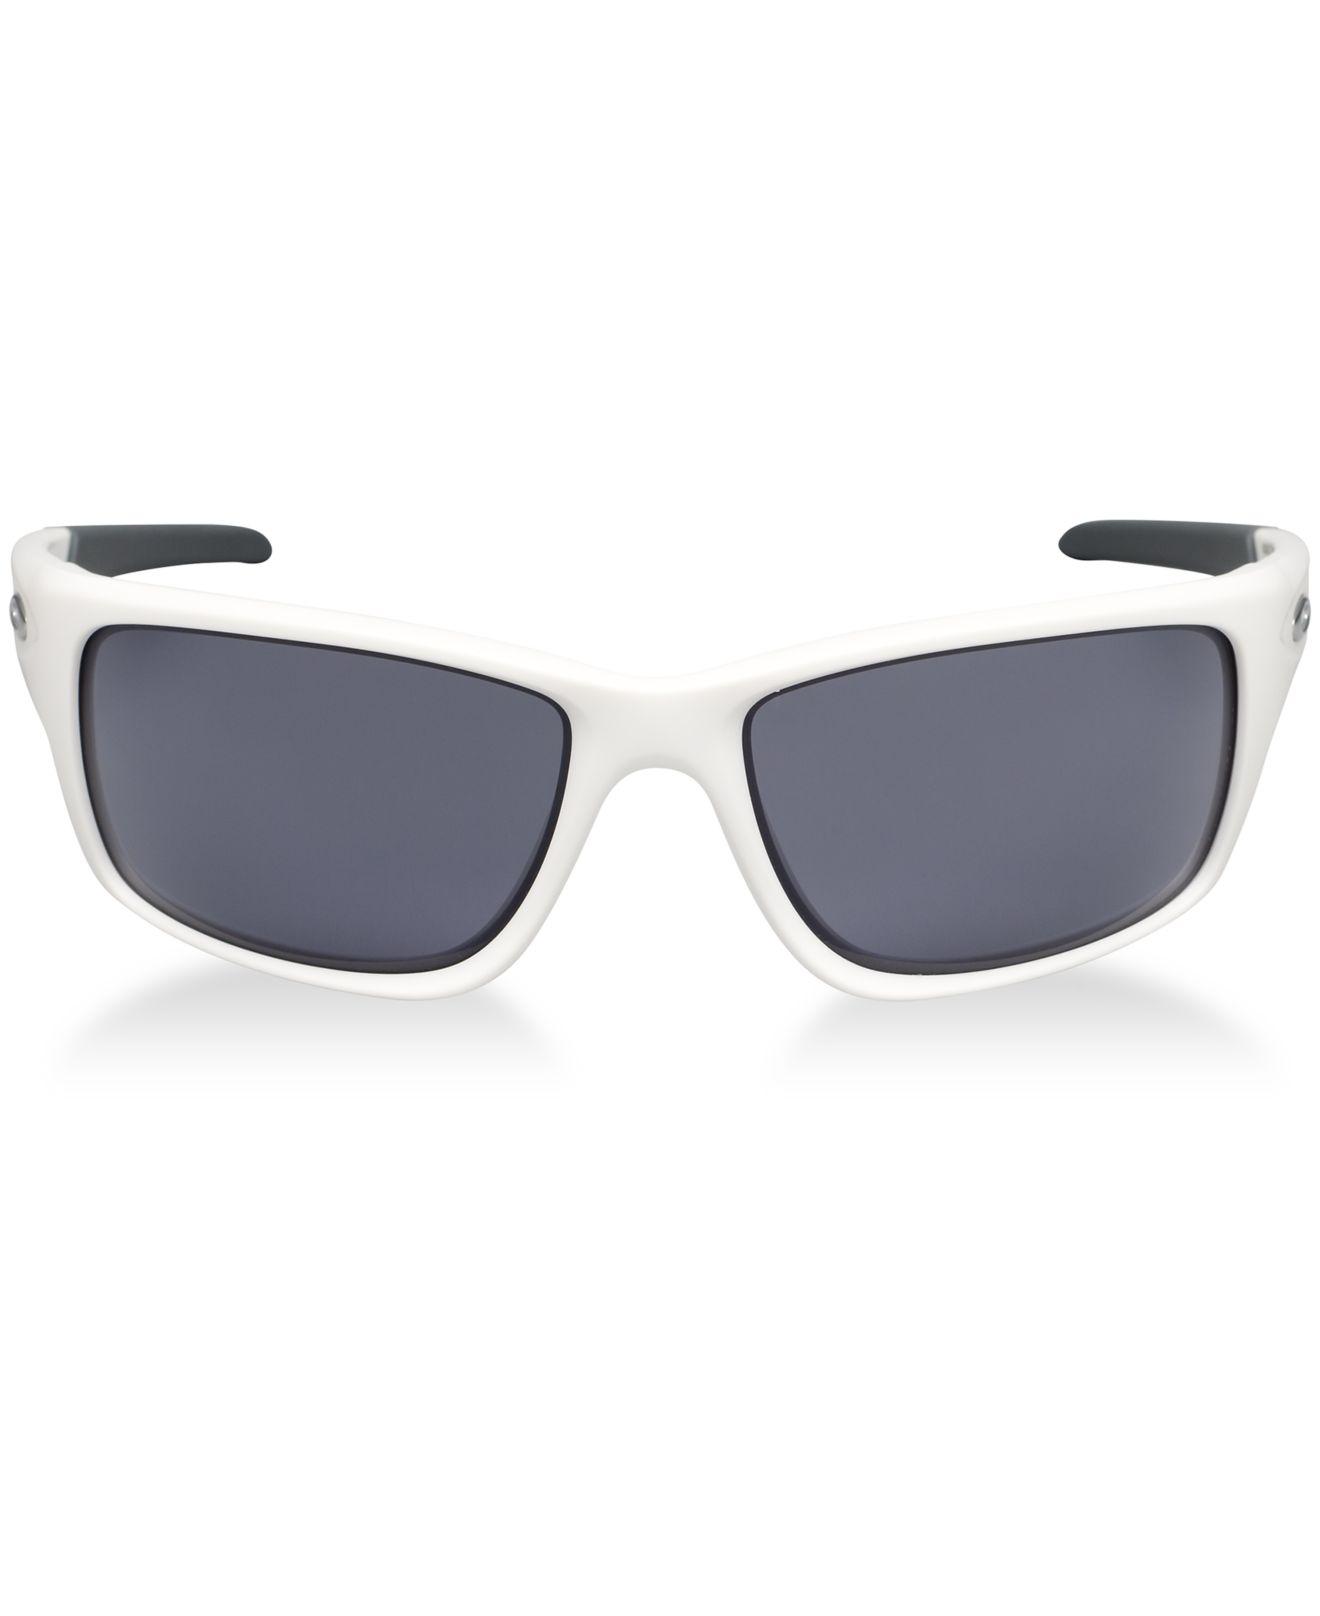 white oakley sunglasses for men wqkk  Gallery